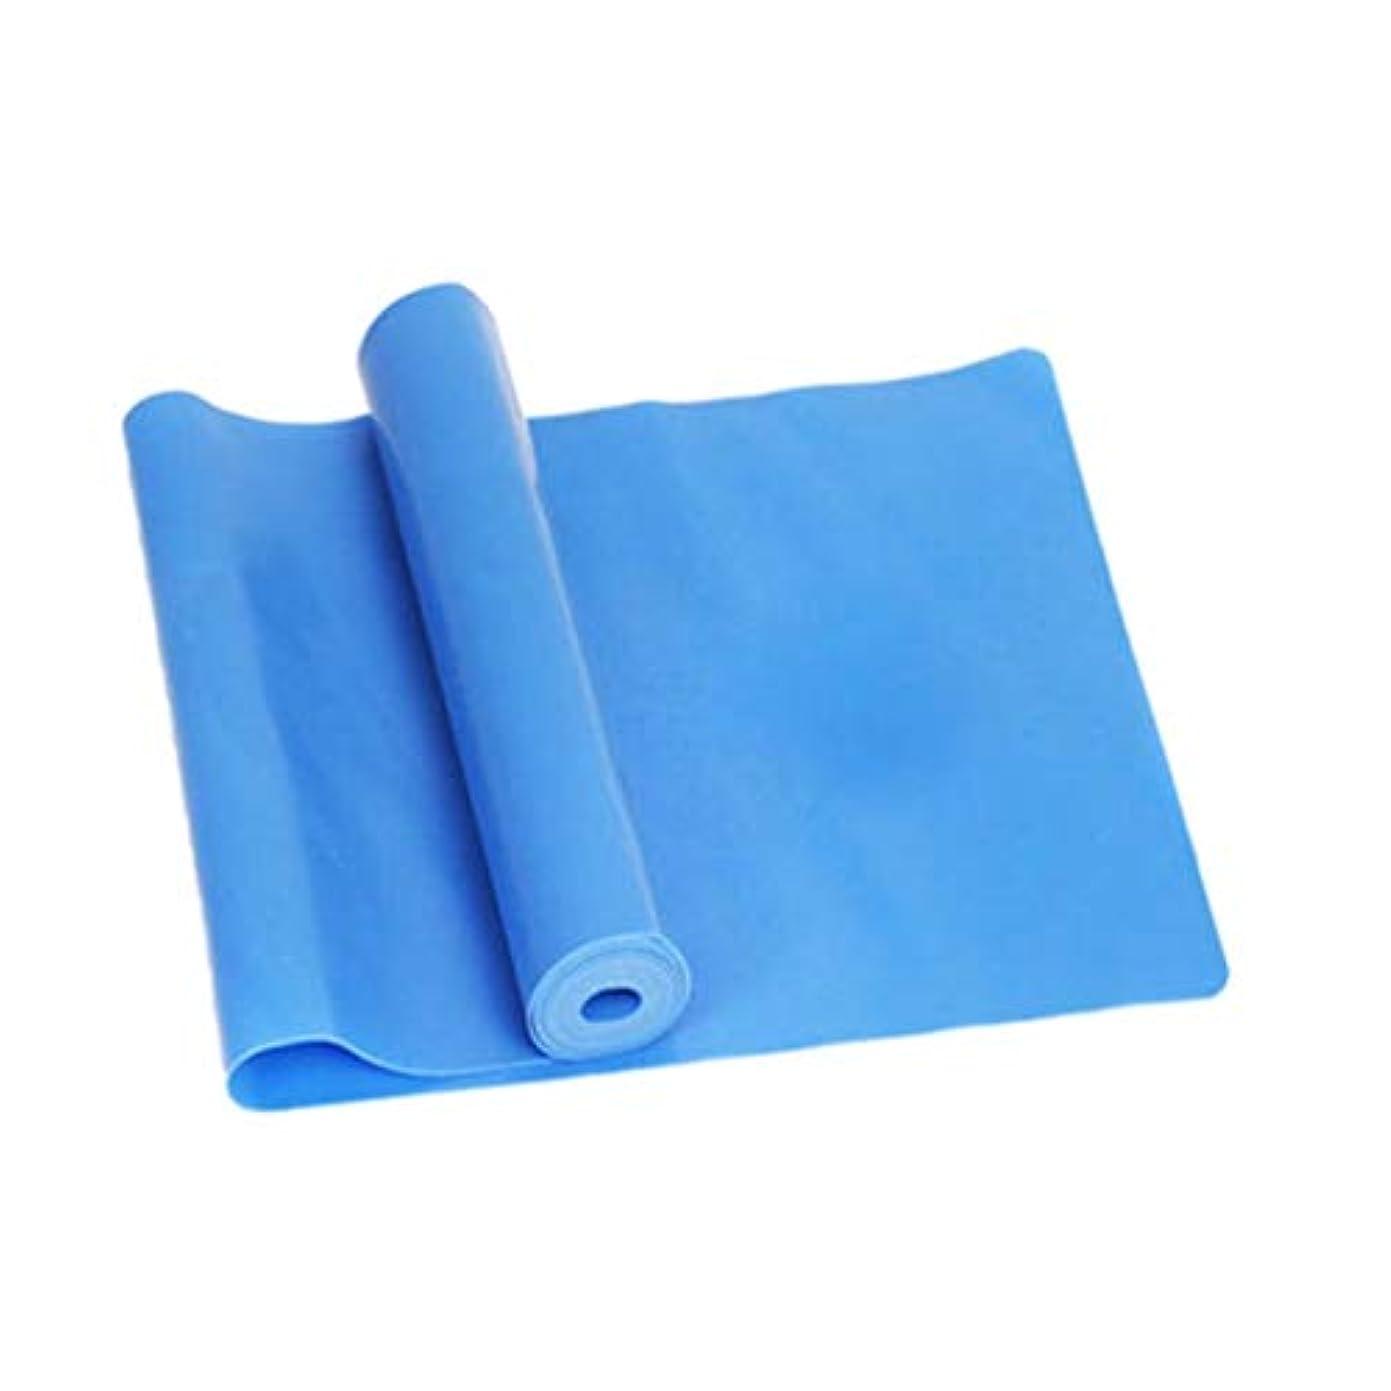 それ湿度決定的スポーツジムフィットネスヨガ機器筋力トレーニング弾性抵抗バンドトレーニングヨガゴムループスポーツピラティスバンド-ブルー